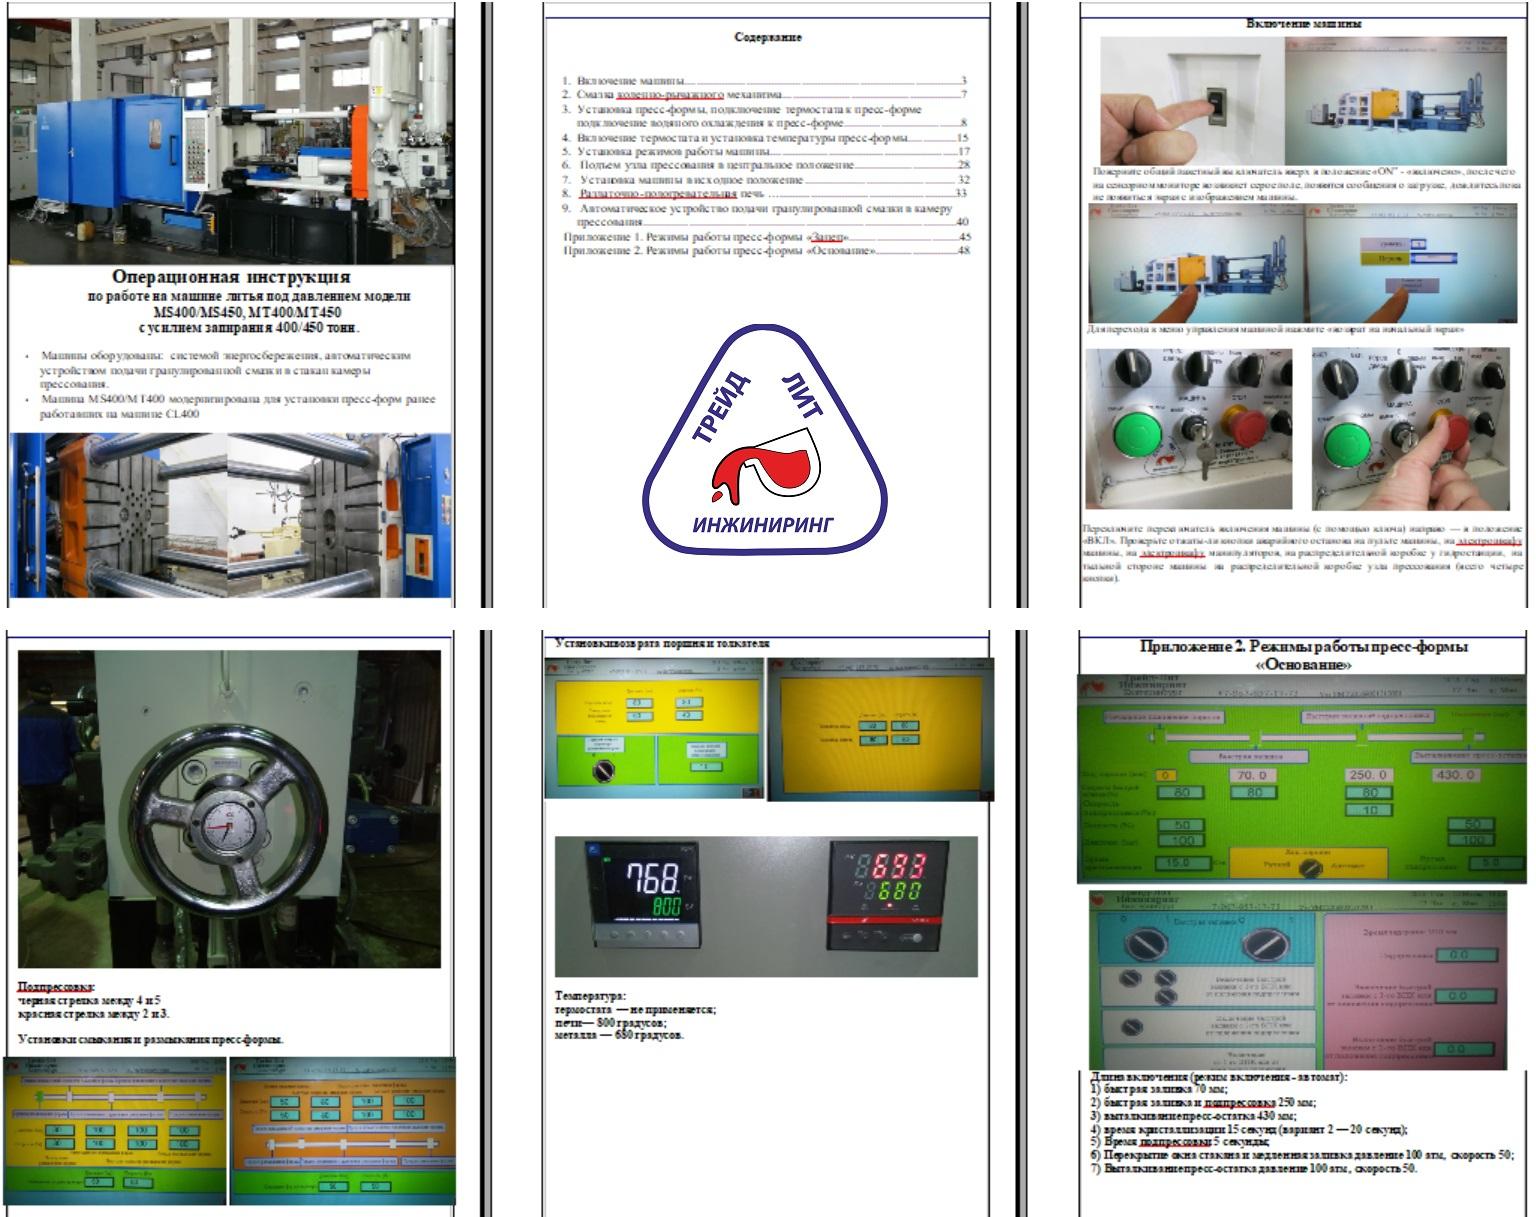 Операционная пошаговая инструкция на машину MS400 и техпроцесс, сохраненный по пресс-форме «Основание» в виде приложения к инструкции